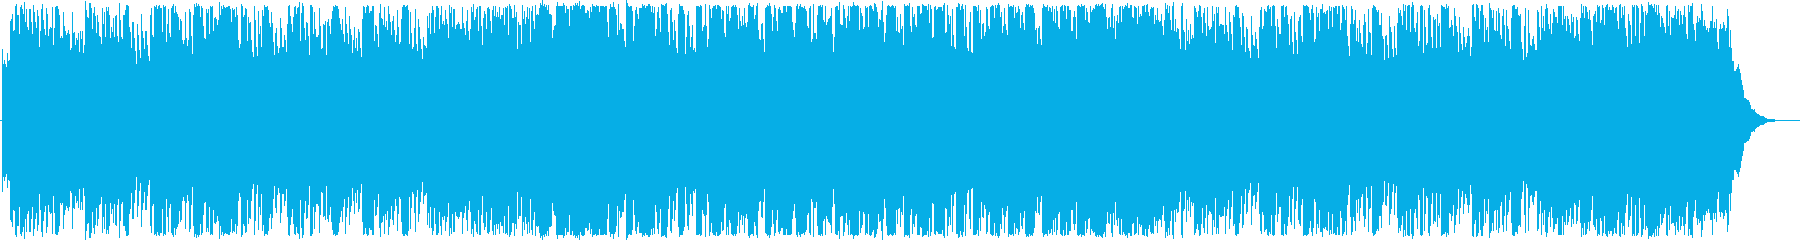 オープニング・おしゃれなEDMの再生済みの波形